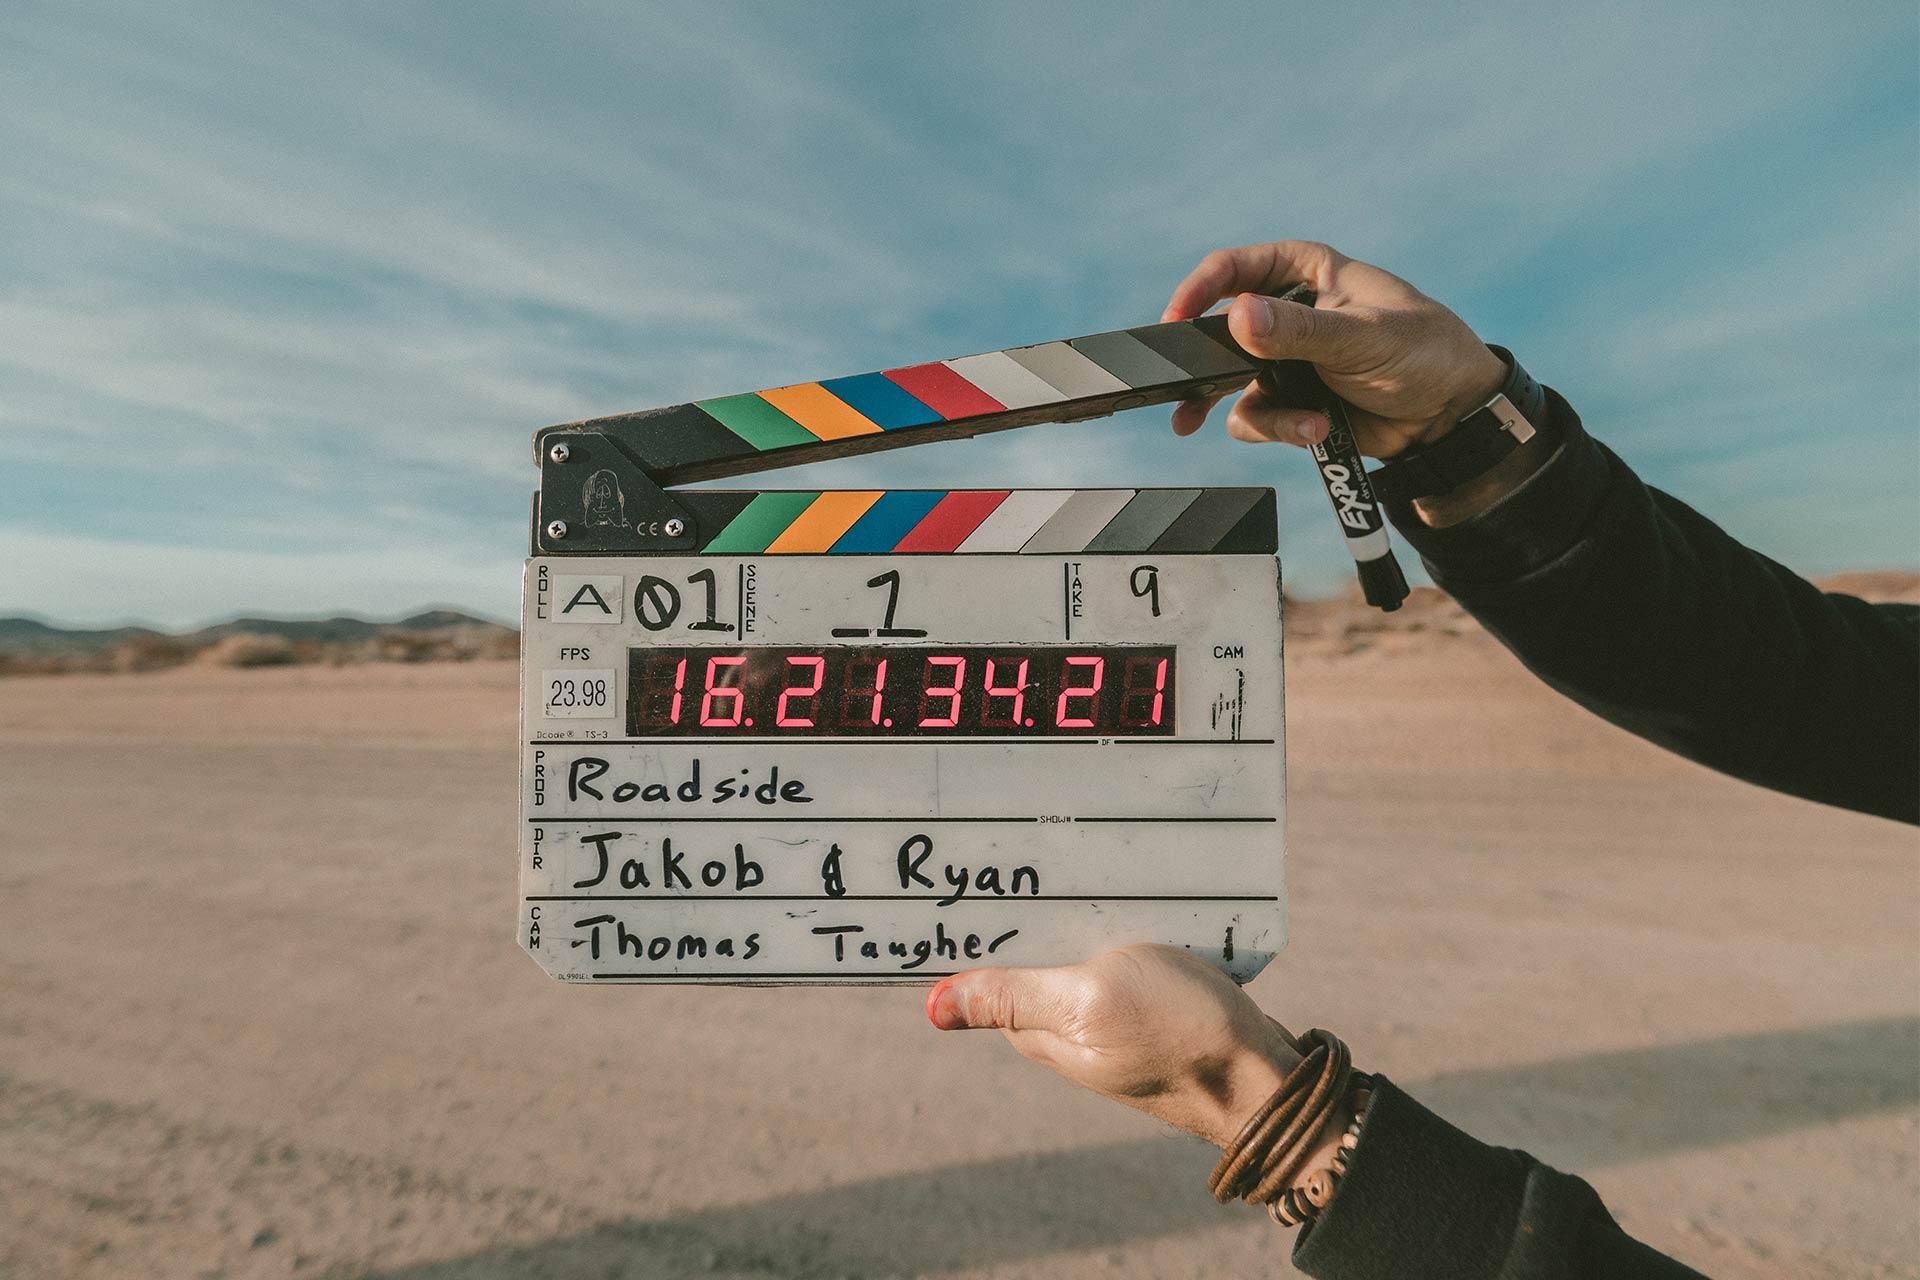 Wjaki sposób powstaje produkcja filmowa?